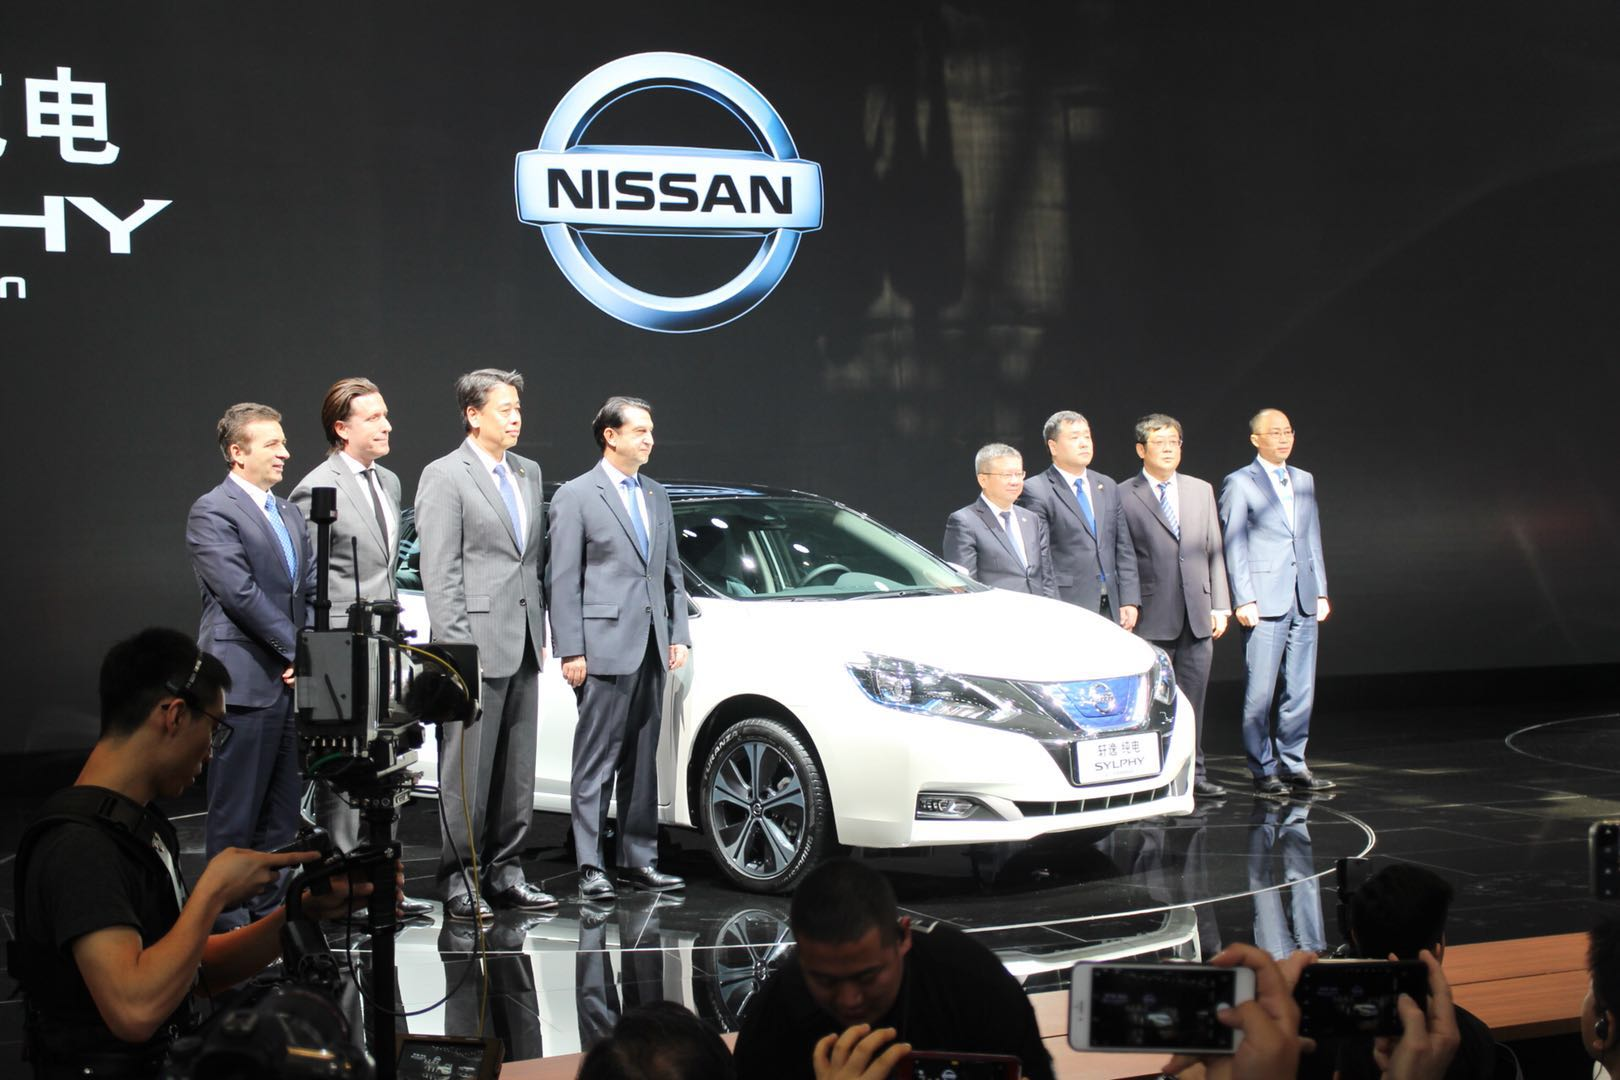 日产汽车开启全新电动汽车时代:全新车型和技术  演绎日产加速电动化战略